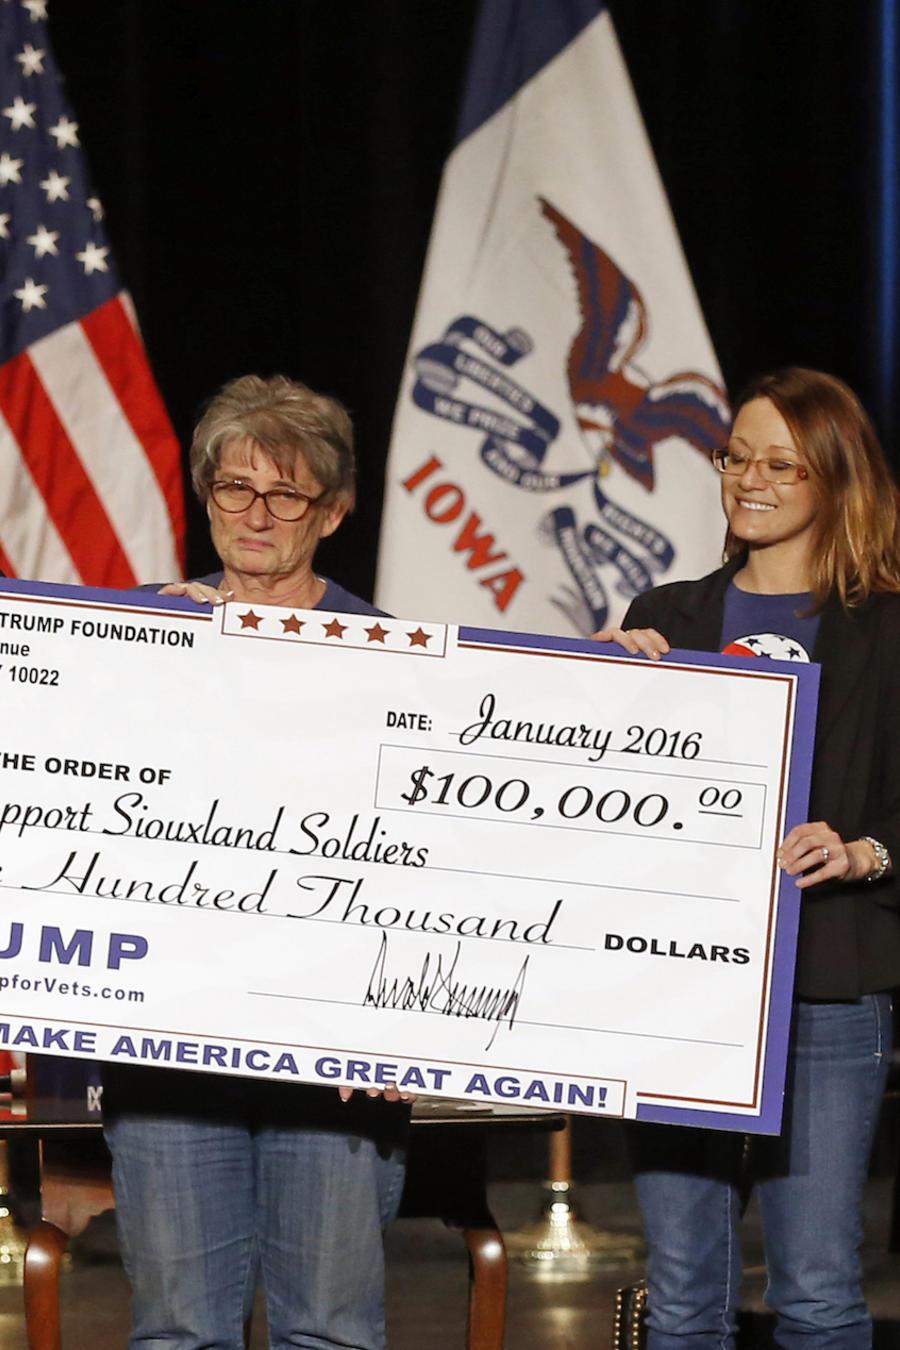 Trump escenifica la entrega de una contribución de 100.000 dólares de su fundación en enero de 2016.